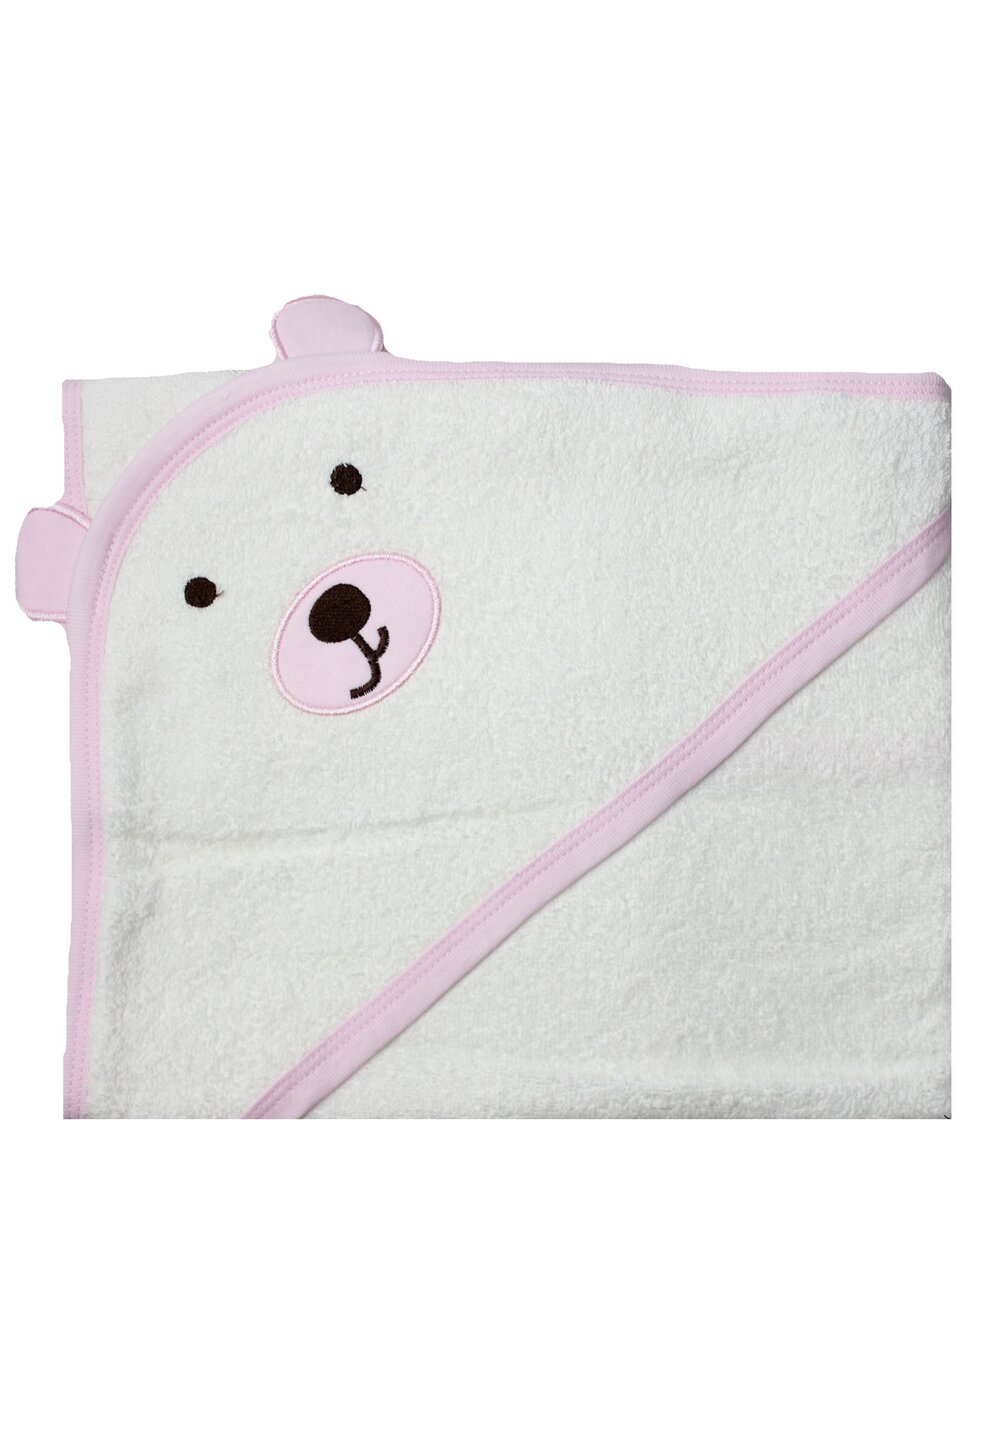 Prosop cu gluga, ursulet roz, 70x90cm imagine